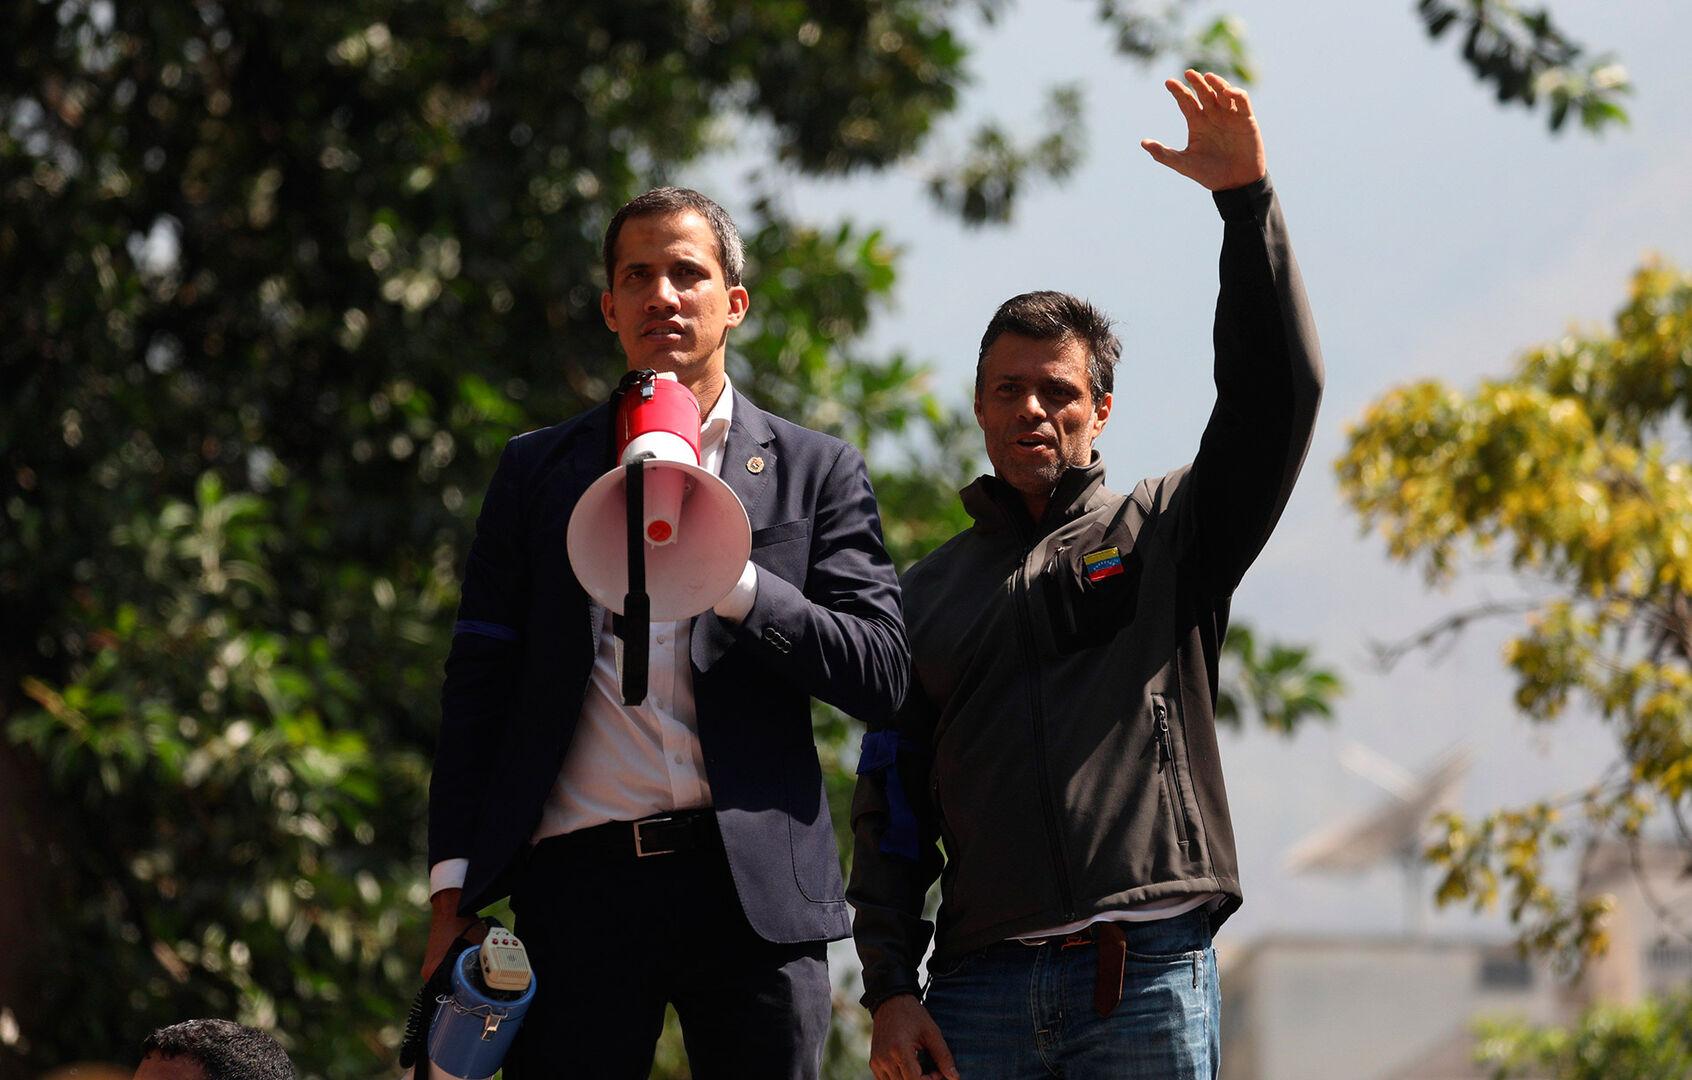 La Justicia chavista suspende la cúpula del partido de Guaidó y allana el camino hacia el fraude